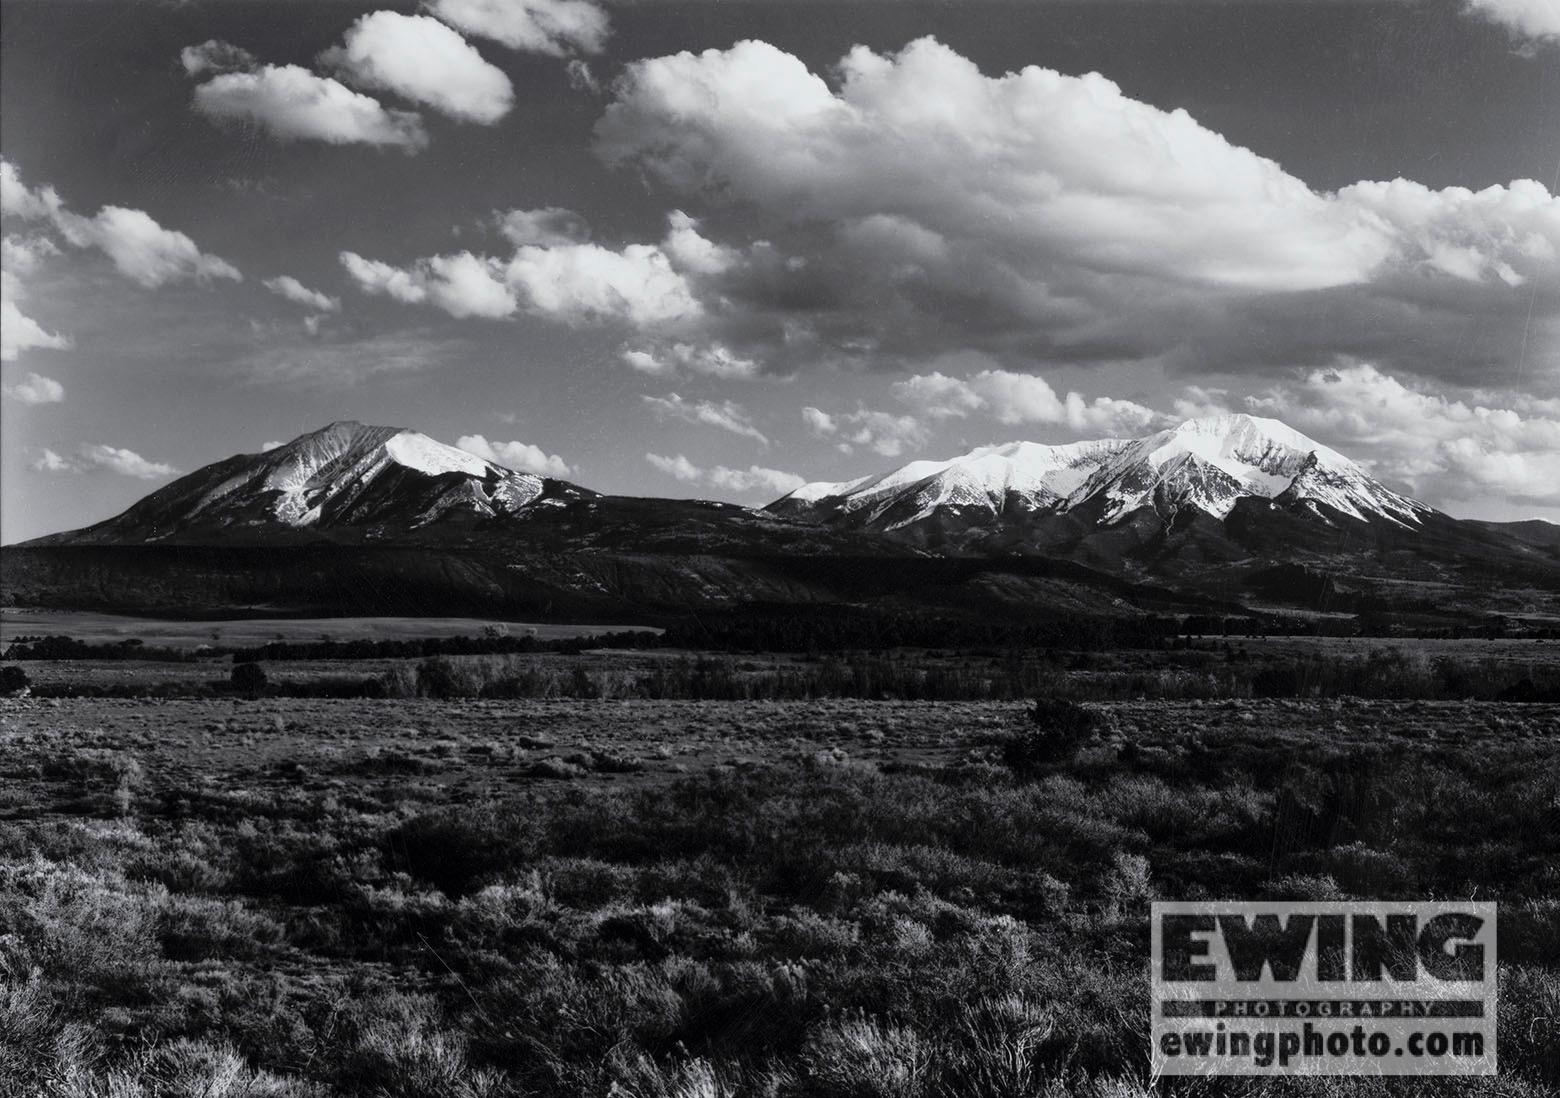 Spanish Peaks,  La Veta Colorado